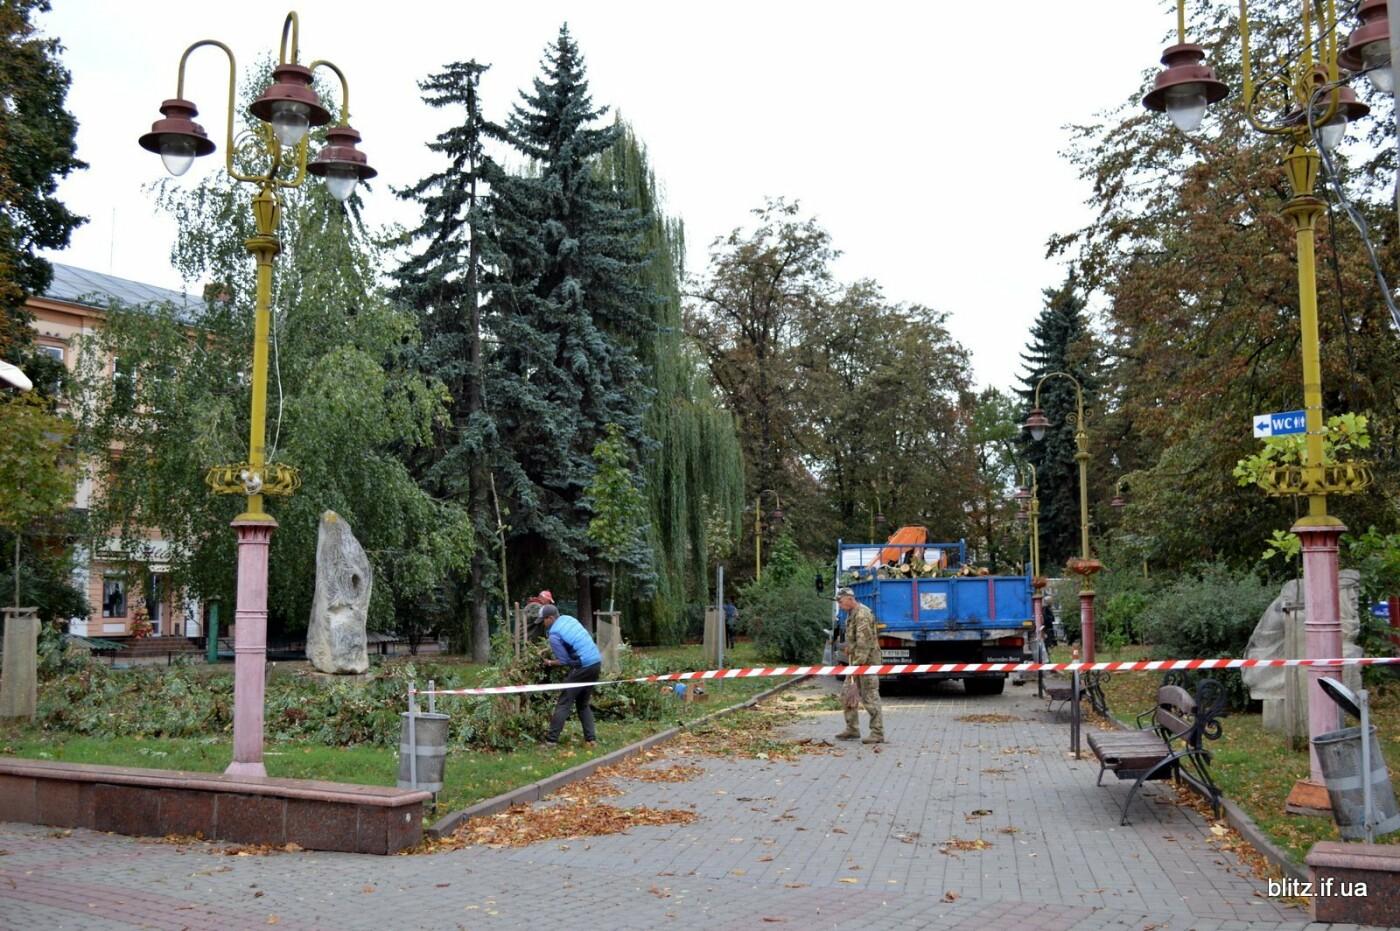 Сильний вітер у Франківську: на Вічевому майдані впало дерево. ФОТО, фото-4